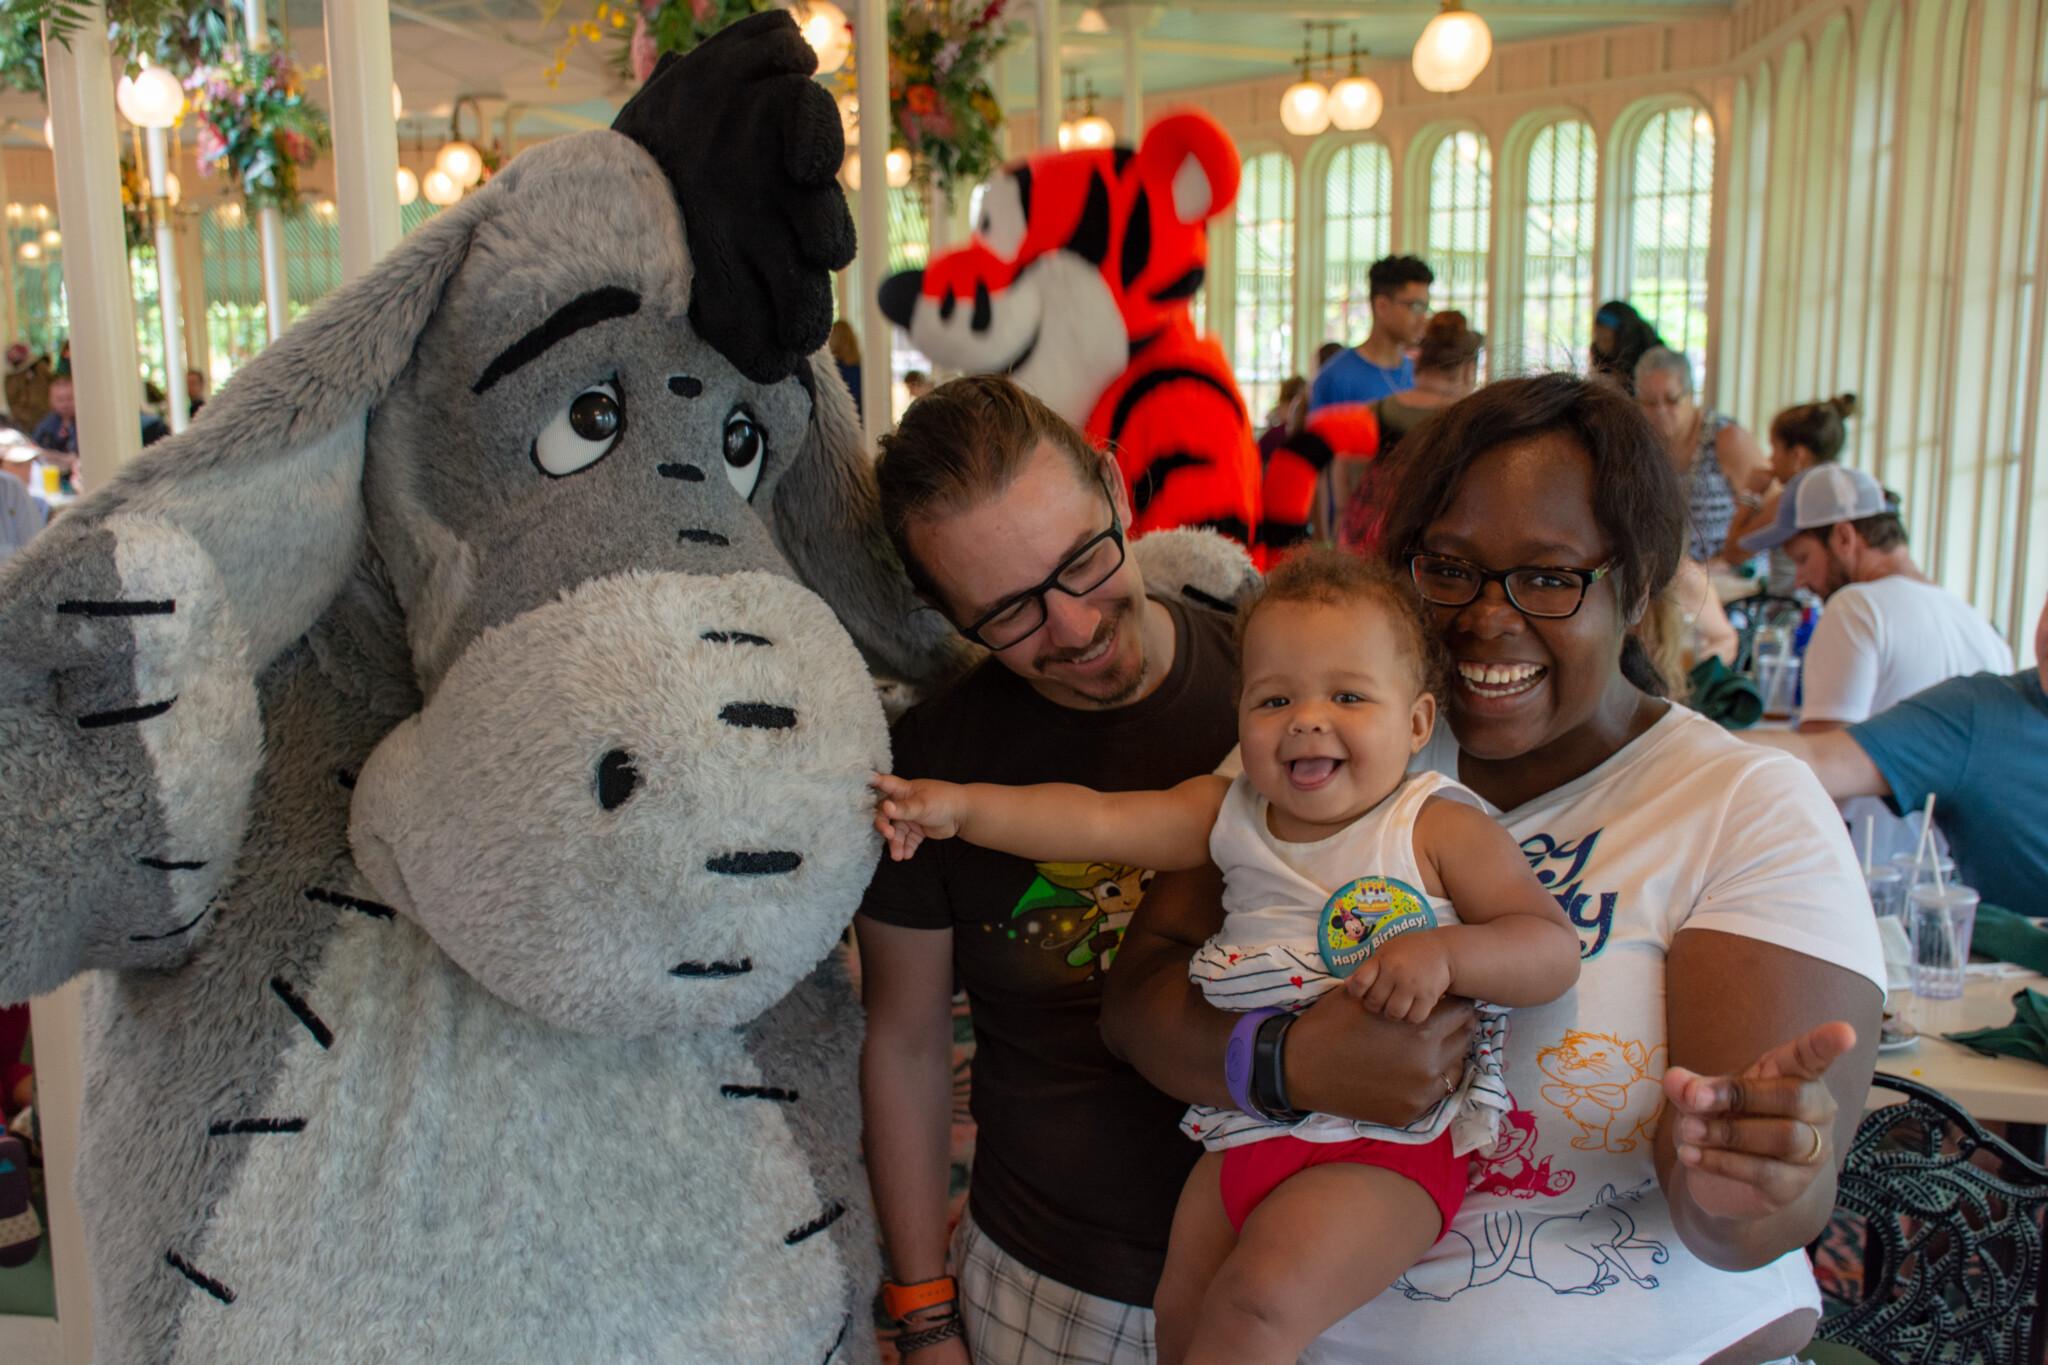 2 semaines en Floride avec un bébé de 1 an - Séjour du 2 au 16 mai 2019 DCL + WDW - Page 15 DSC_8001-2048x1365